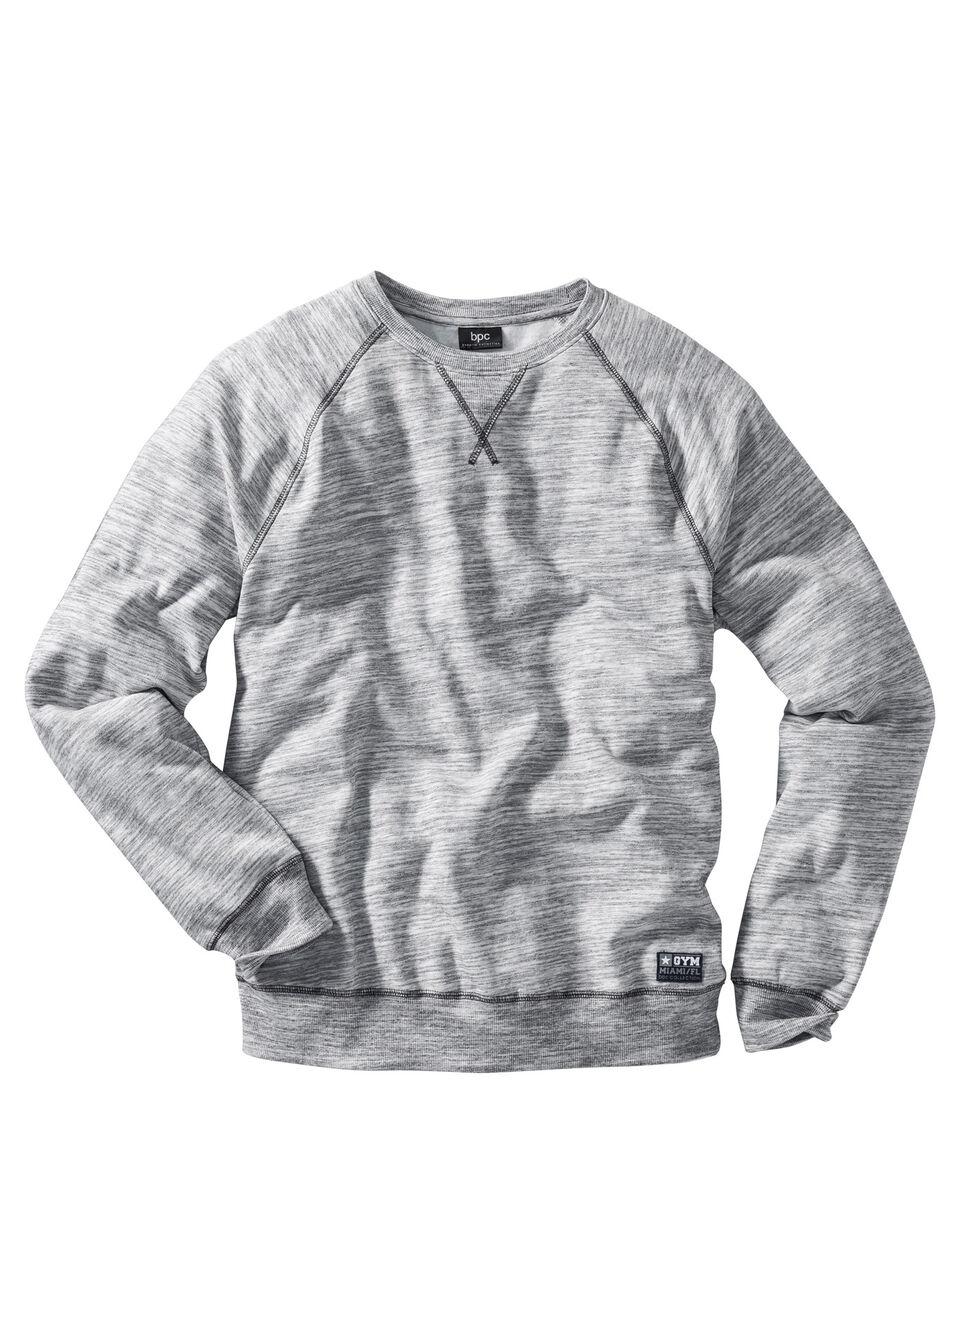 664383f4 Мужская одежда   Купить мужскую одежду в интернет магазинах украины ...